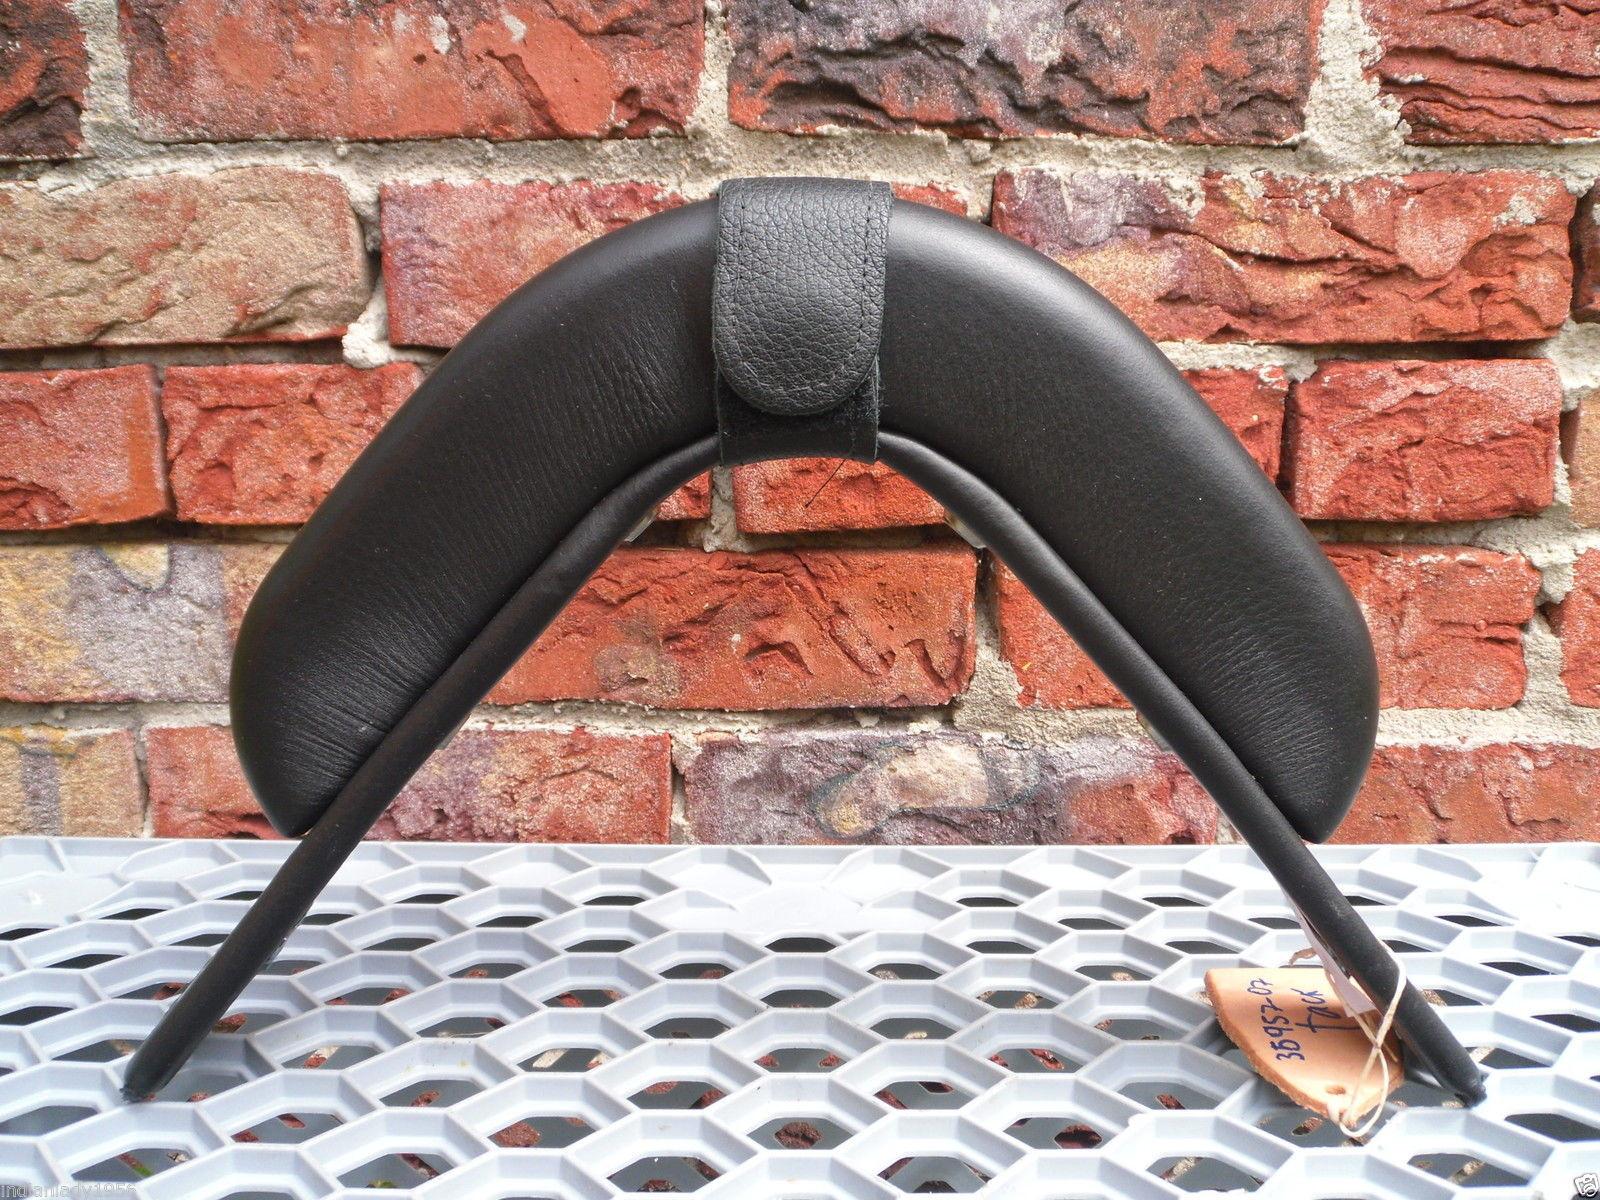 Verstellbare Fork Kammer für Startrekk Comfort und Espaniola verschiedene